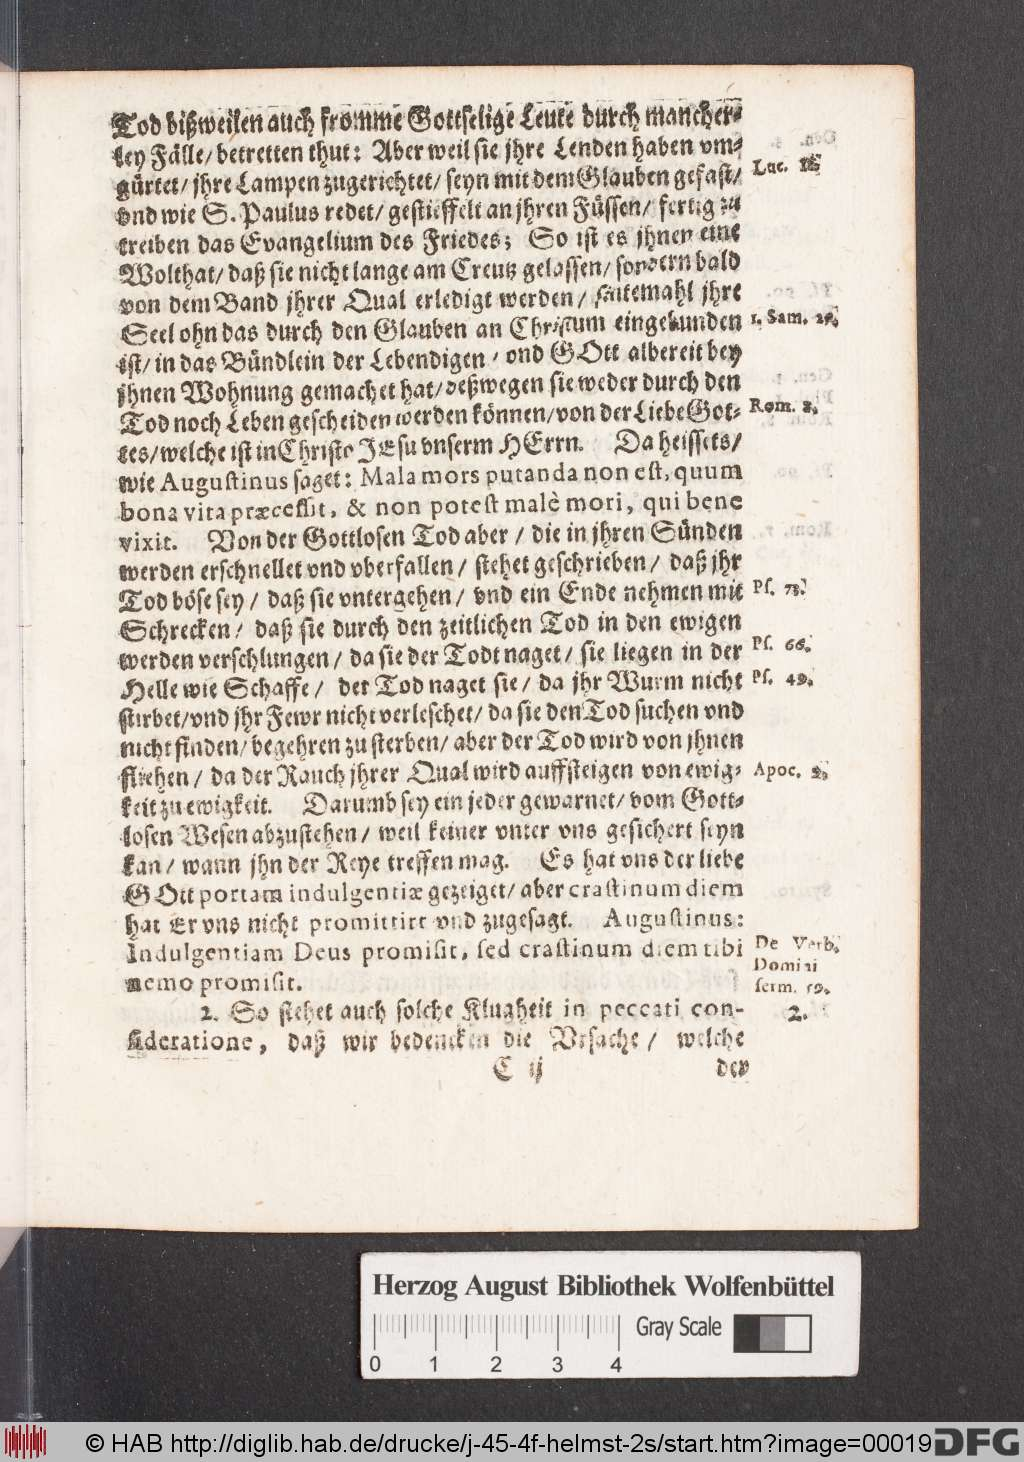 http://diglib.hab.de/drucke/j-45-4f-helmst-2s/00019.jpg